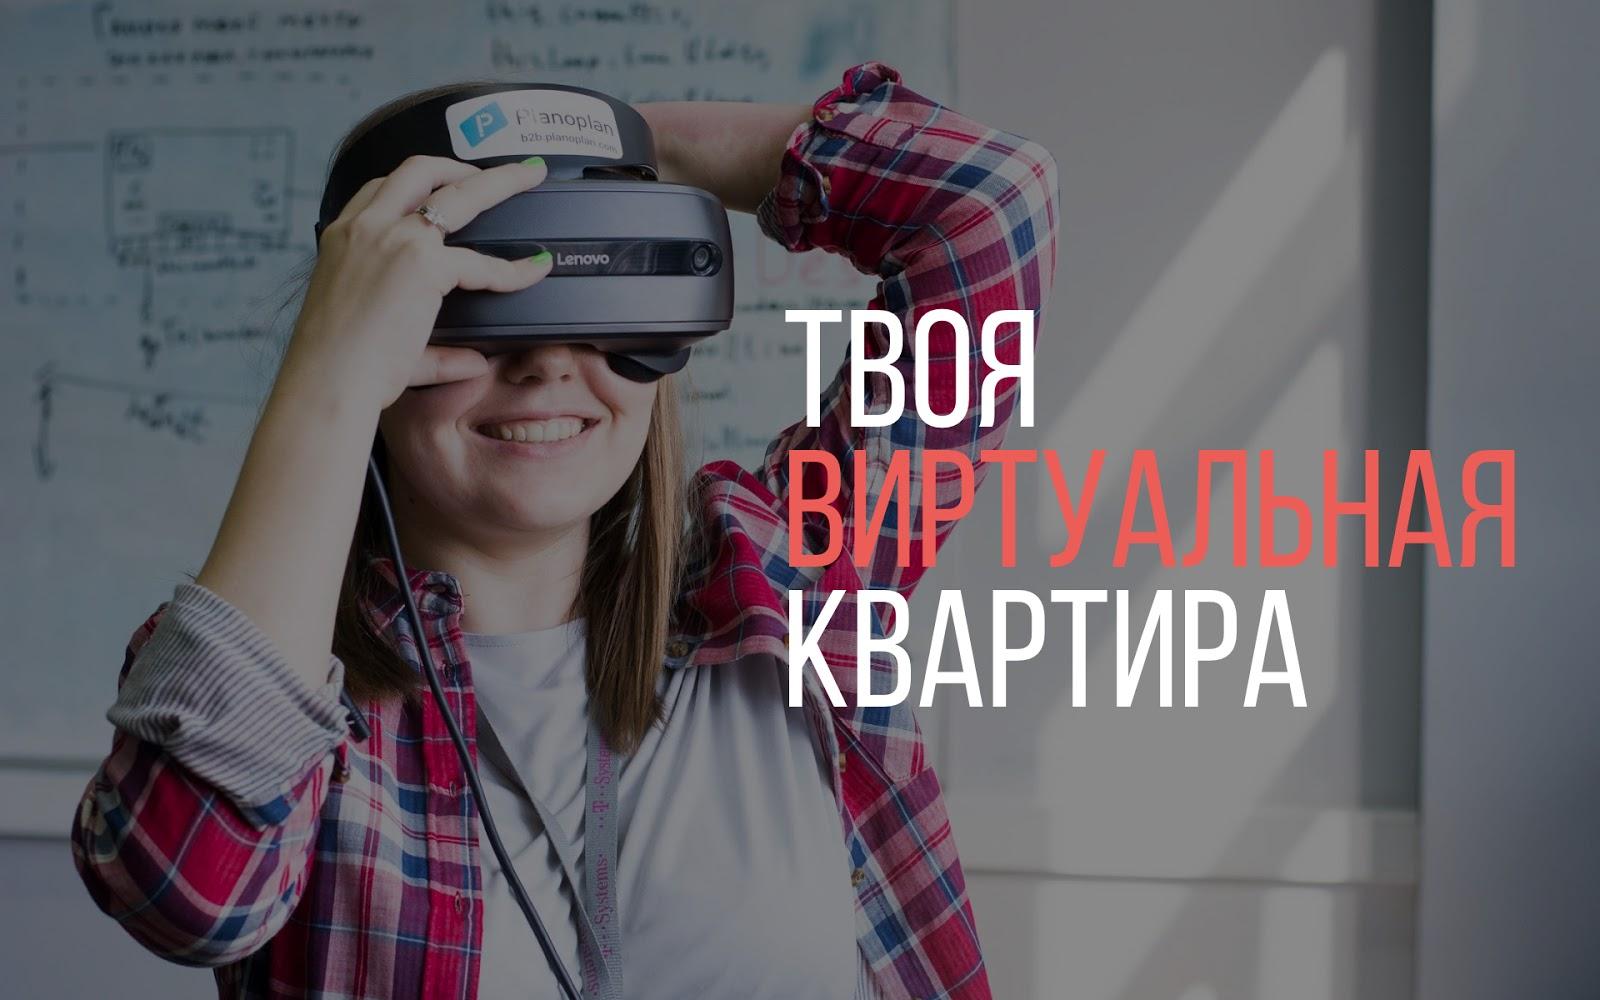 Виртуальная квартира: как покупают реальность вместо бетонной коробки - 1